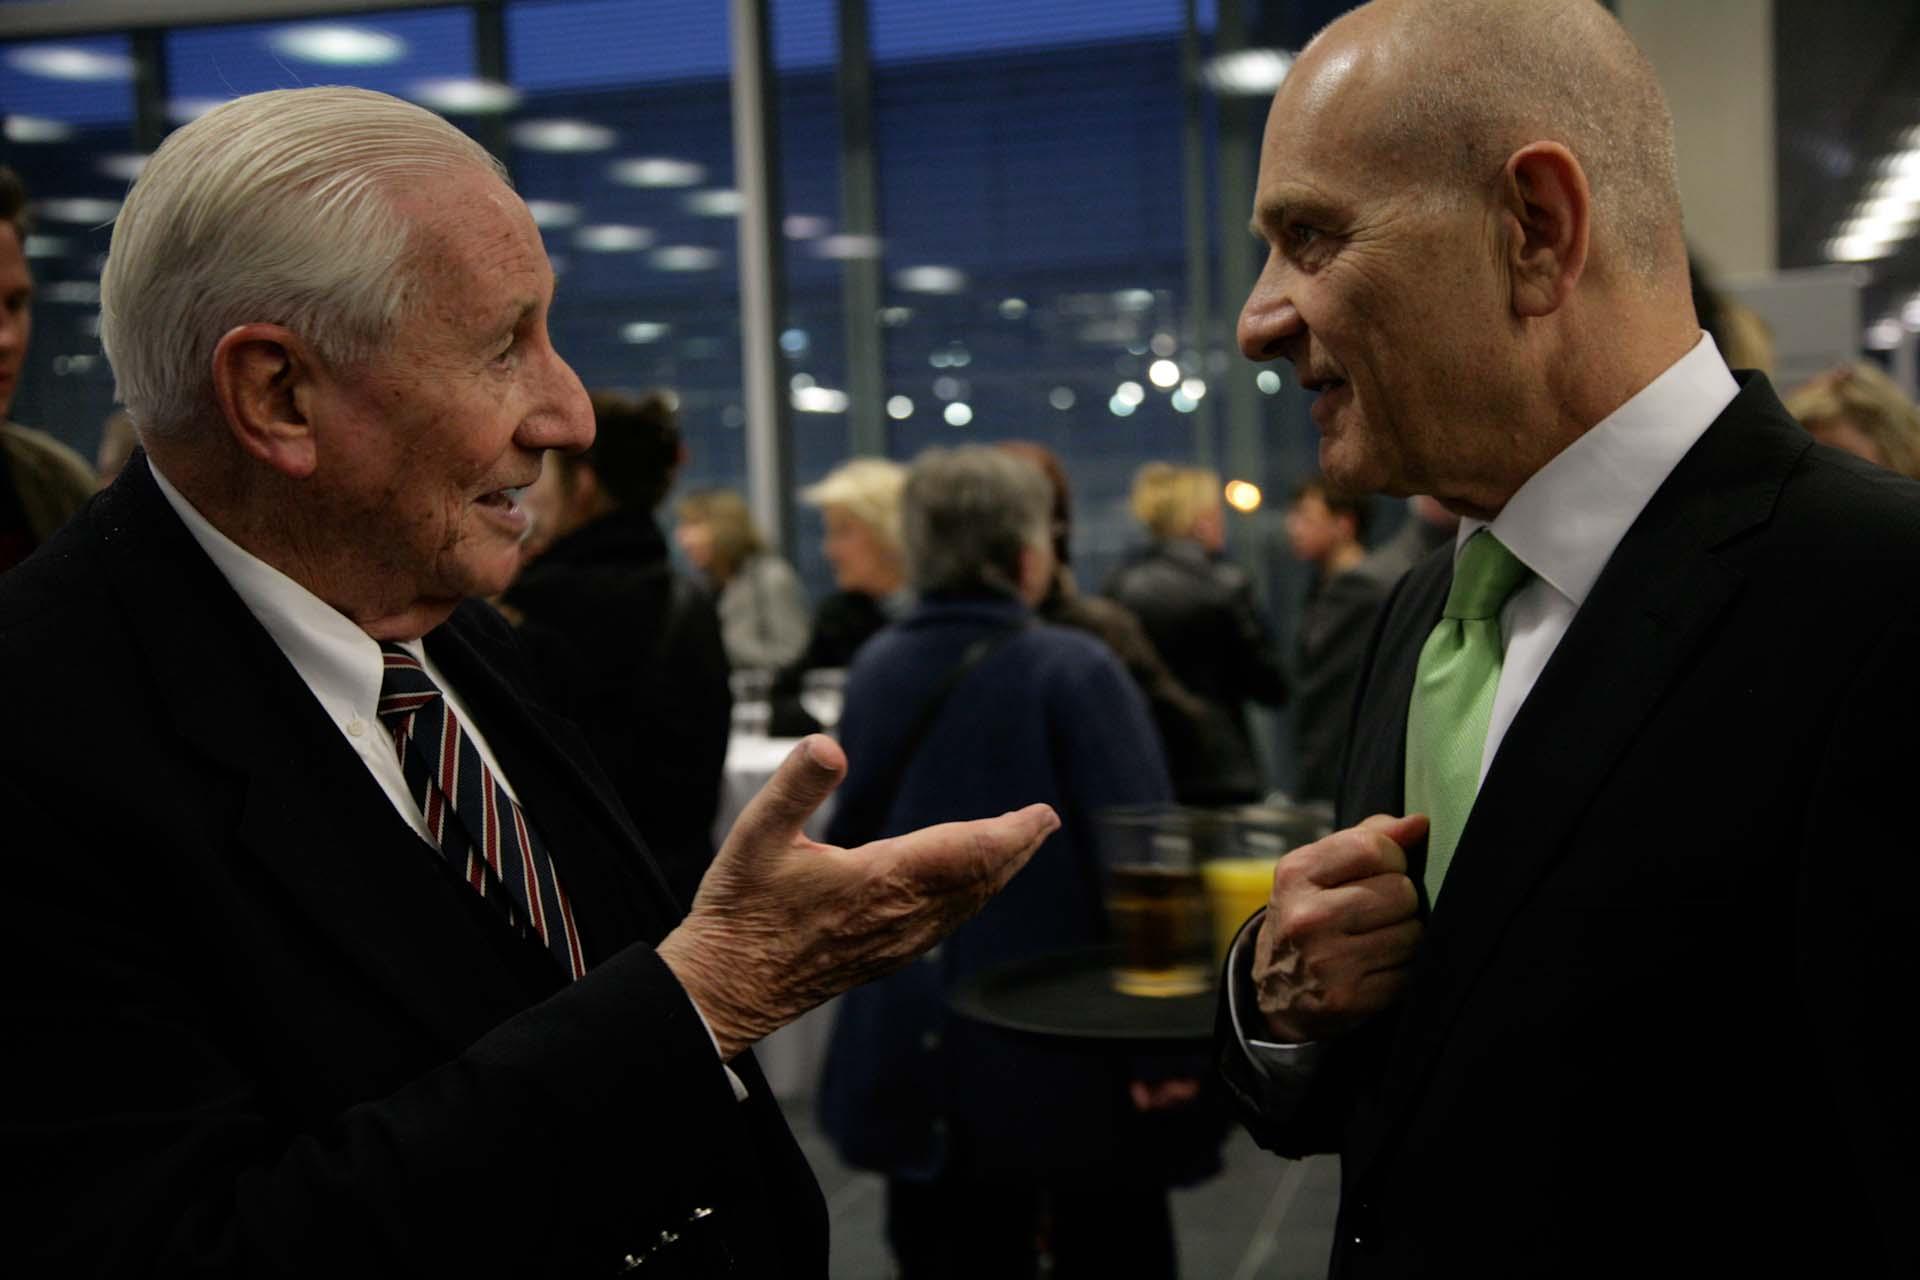 Gabriel Bach, der damalige stellvertretende Ankläger im Prozess gegen Adolf Eichmann, bei der Ausstellungseröffnung in der 'Topographie des Terrors', hier zusammen mit dem israelischen Botschafter.